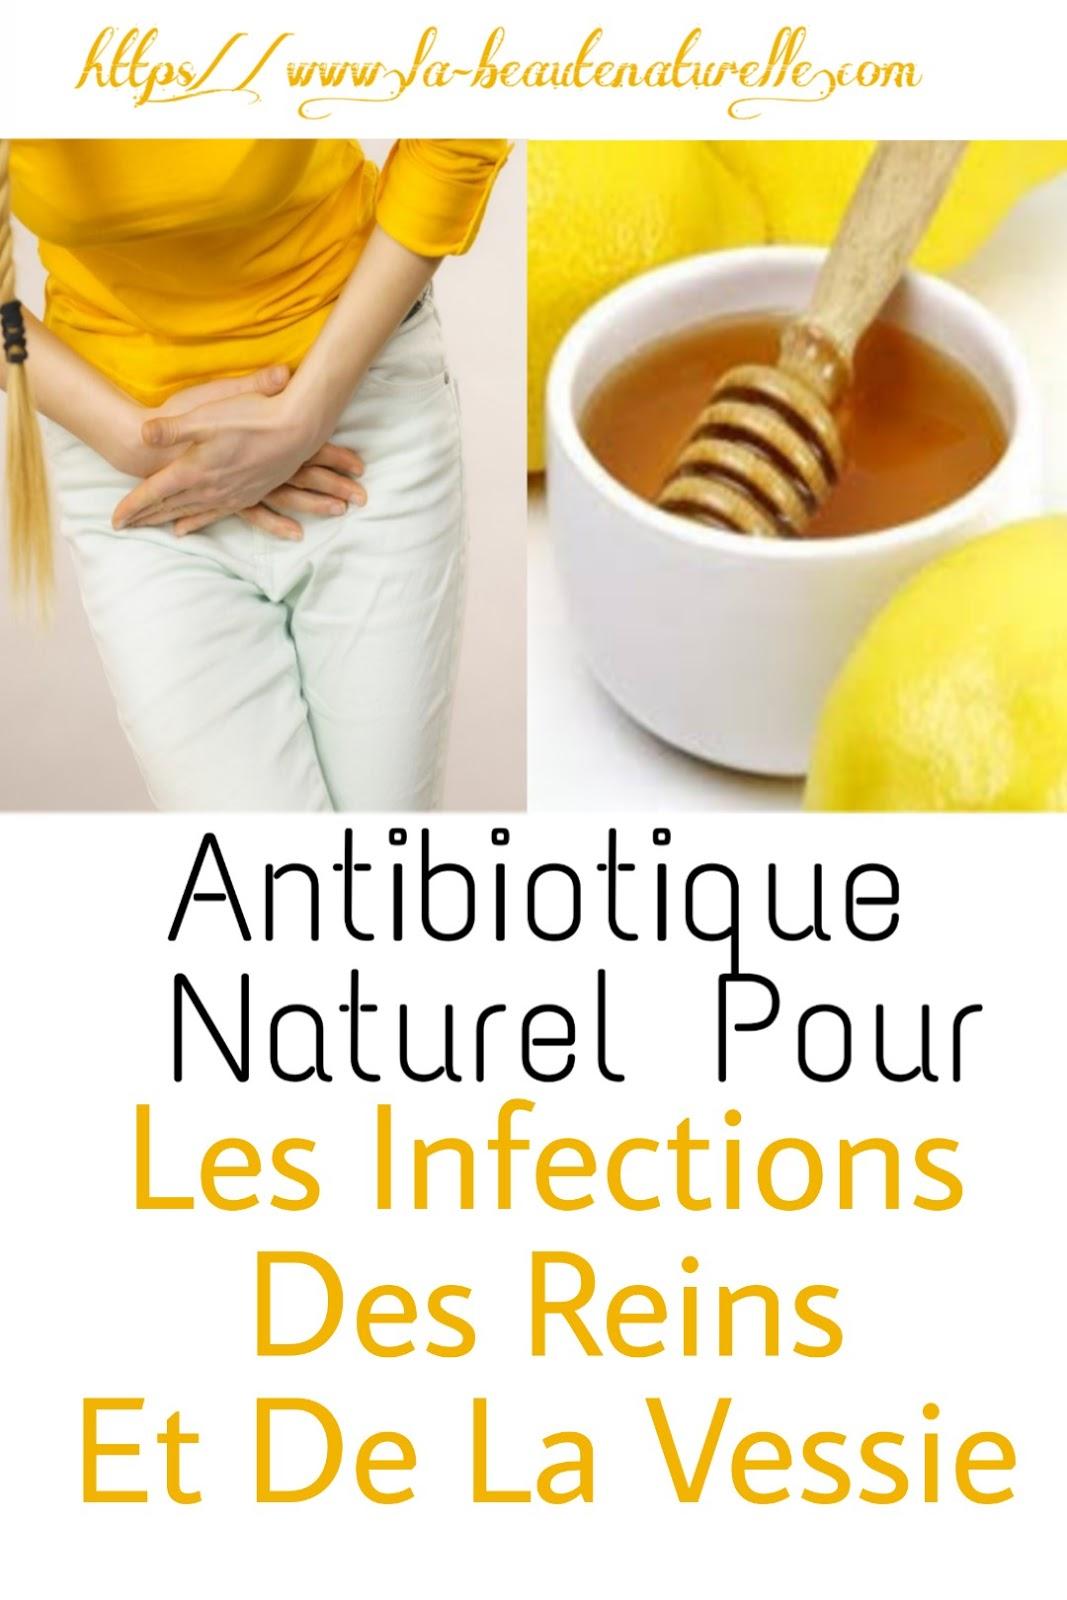 Antibiotique Naturel Pour Les Infections Des Reins Et De La Vessie